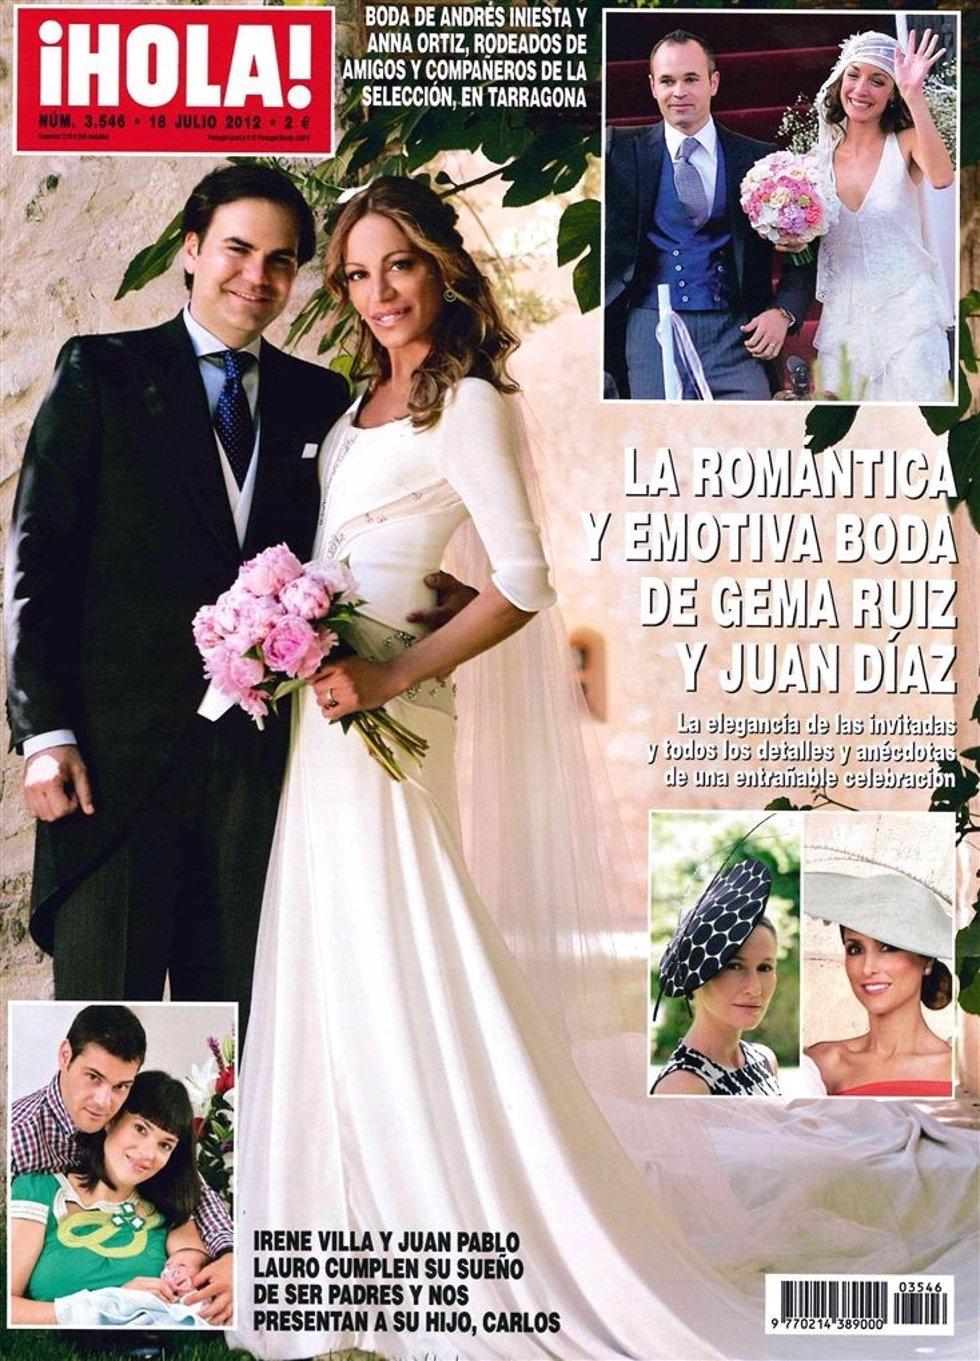 Portada de la revista Hola con Gema Ruiz